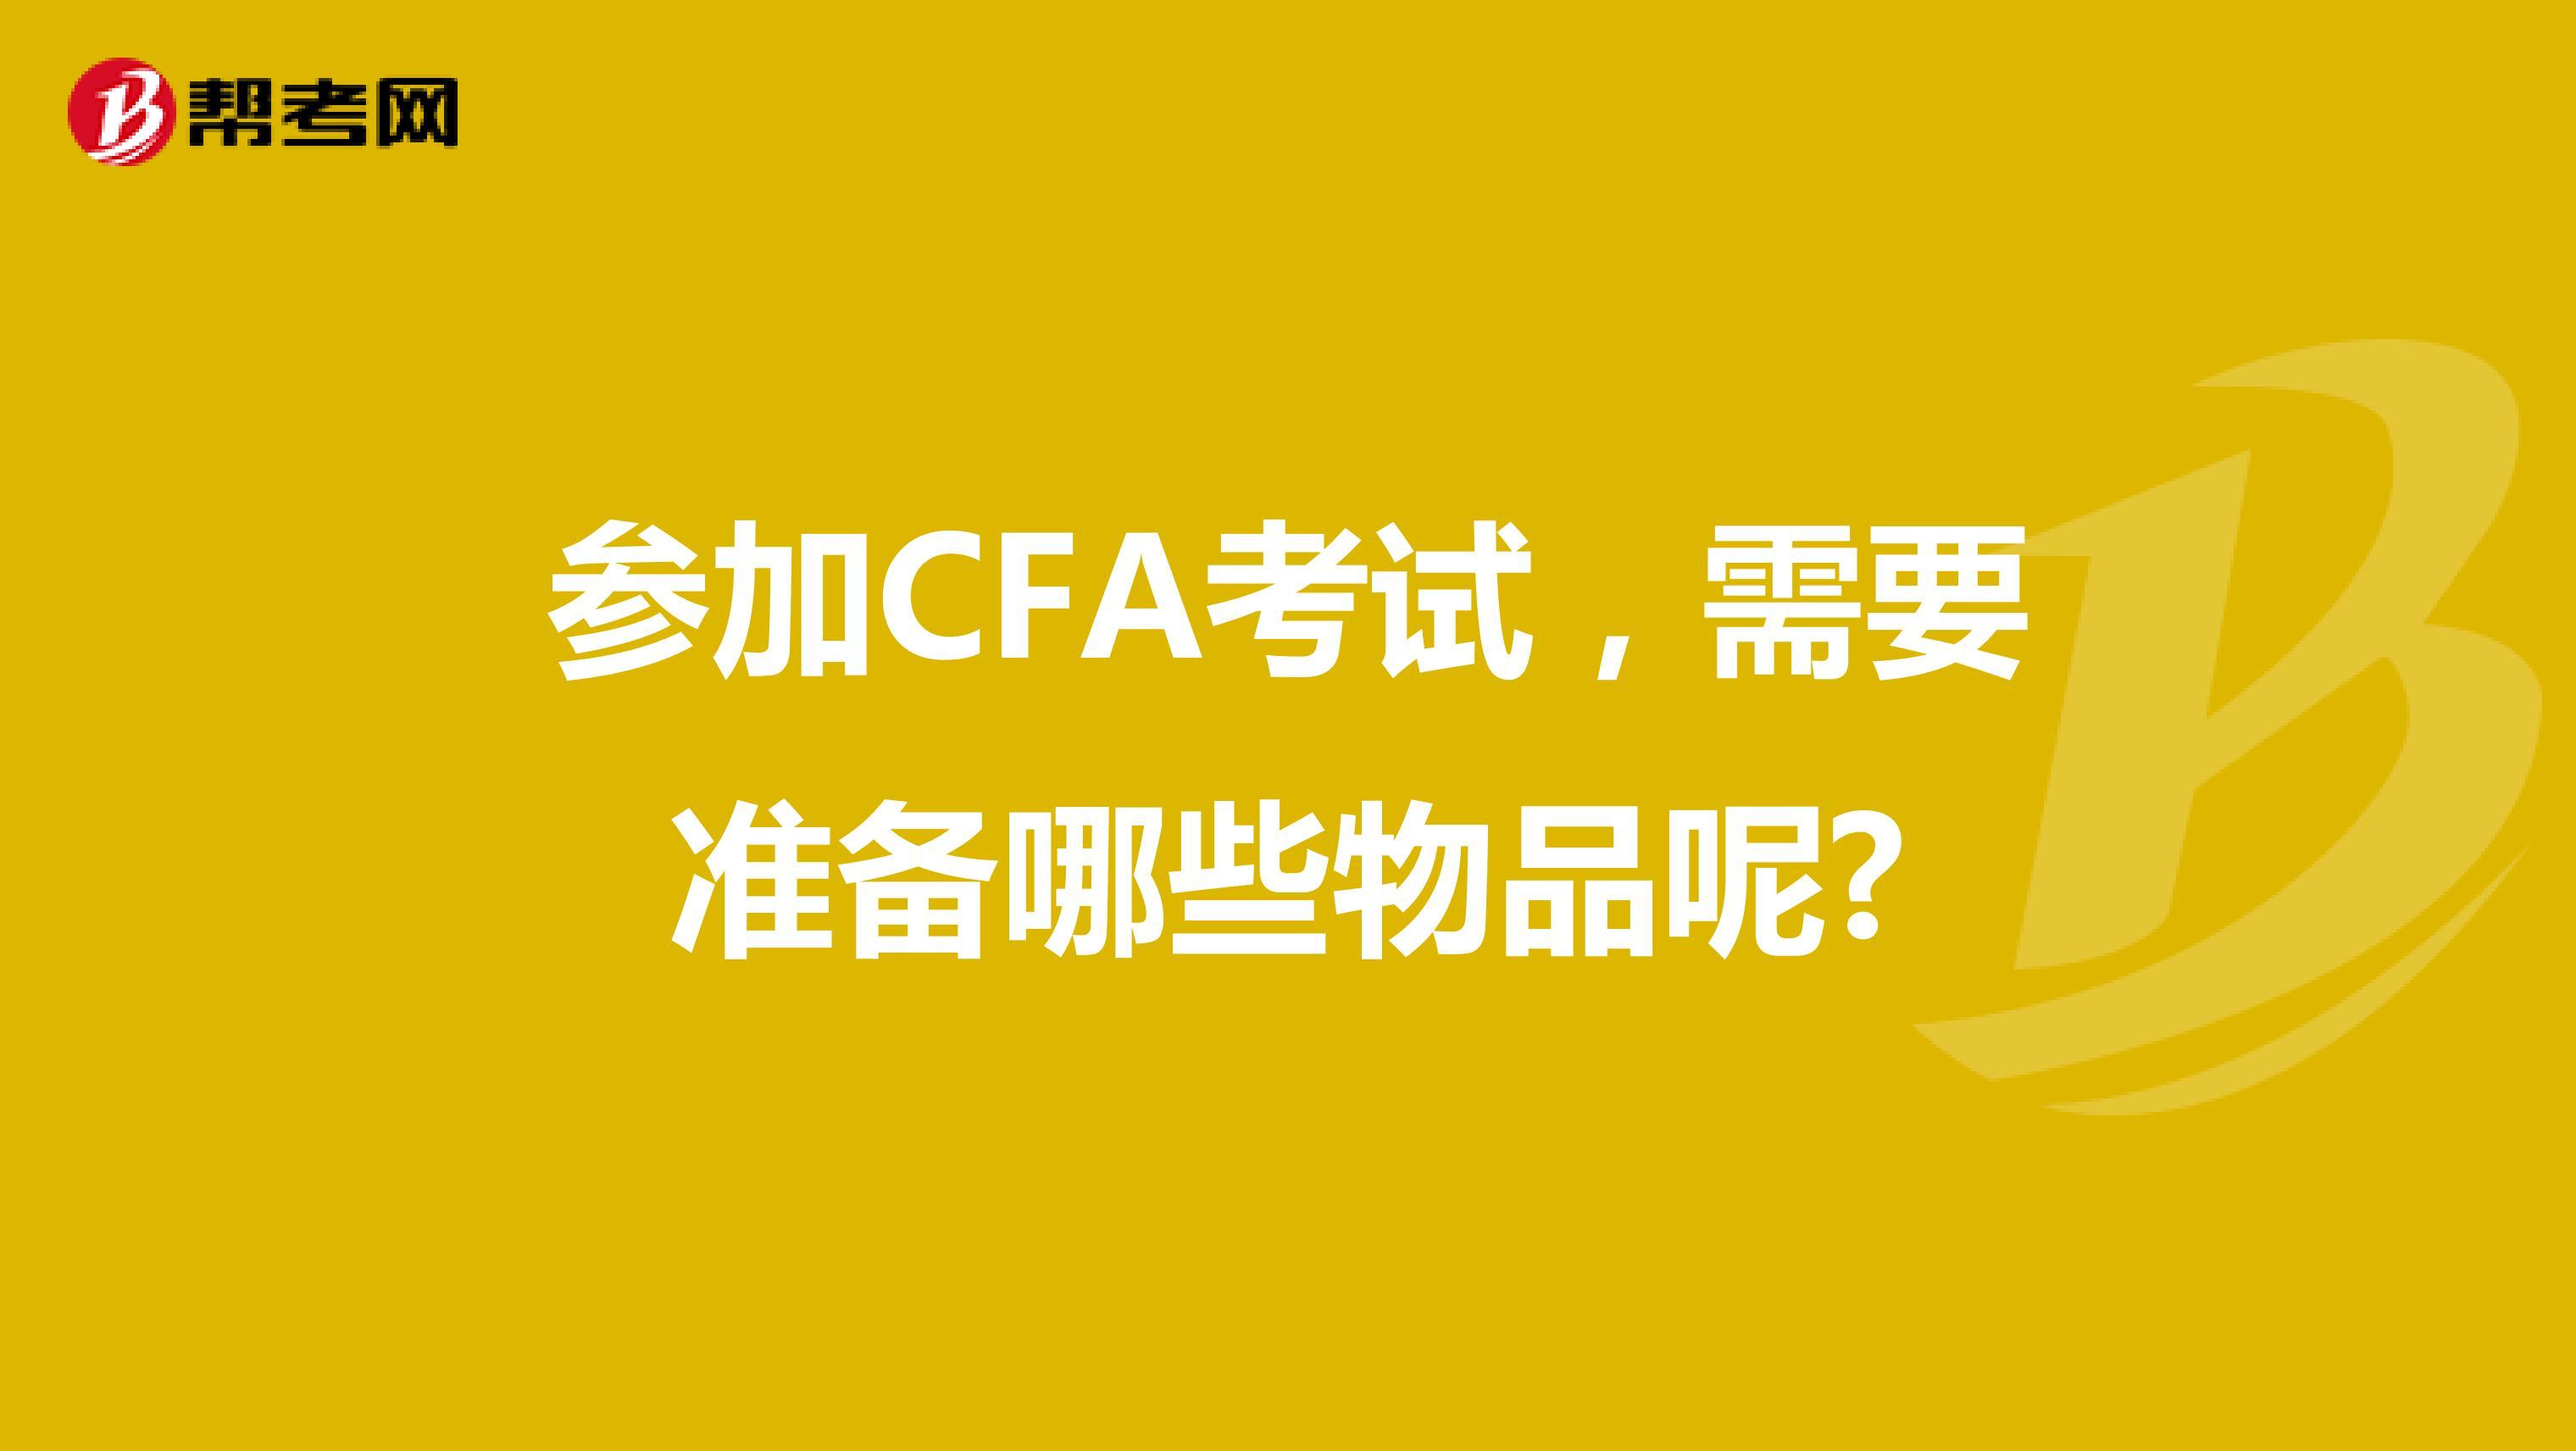 参加CFA考试,需要准备哪些物品呢?